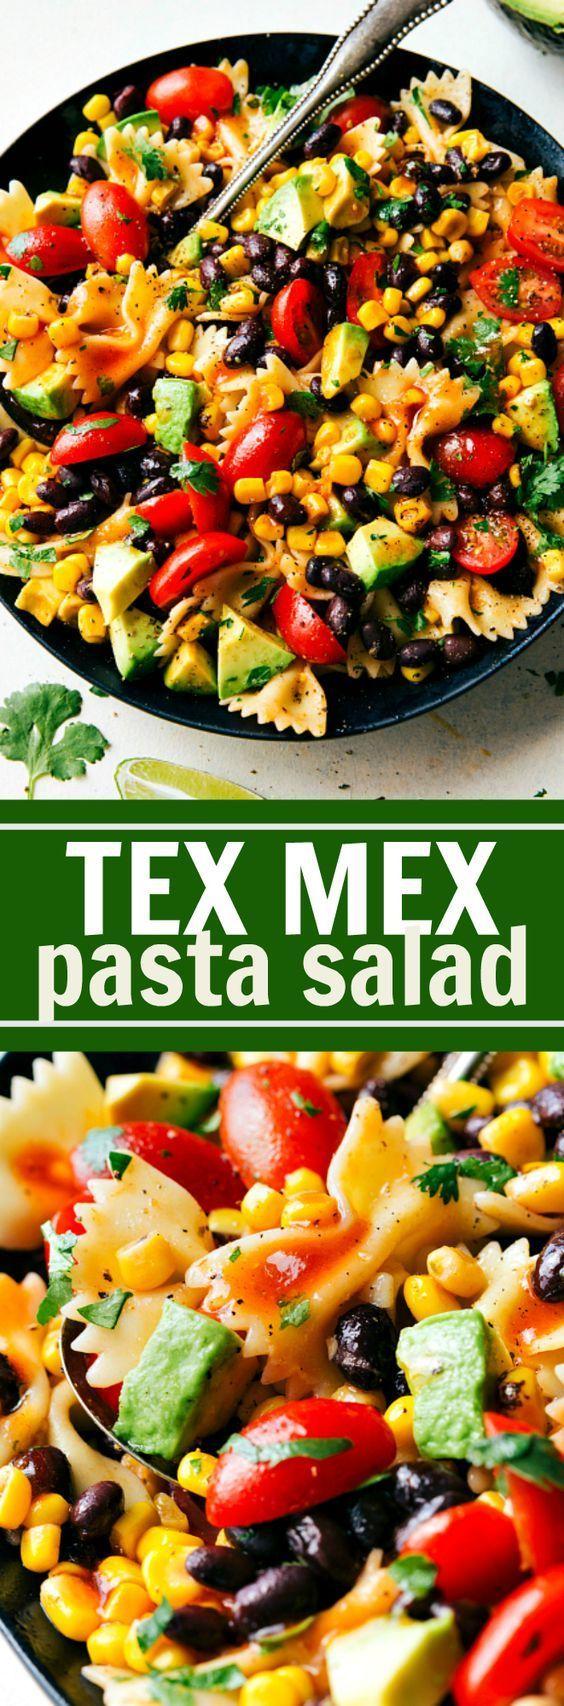 Einfache Pasta Salads Rezepte – die besten Yummy Barbecue Beilagen, Potluck Favo